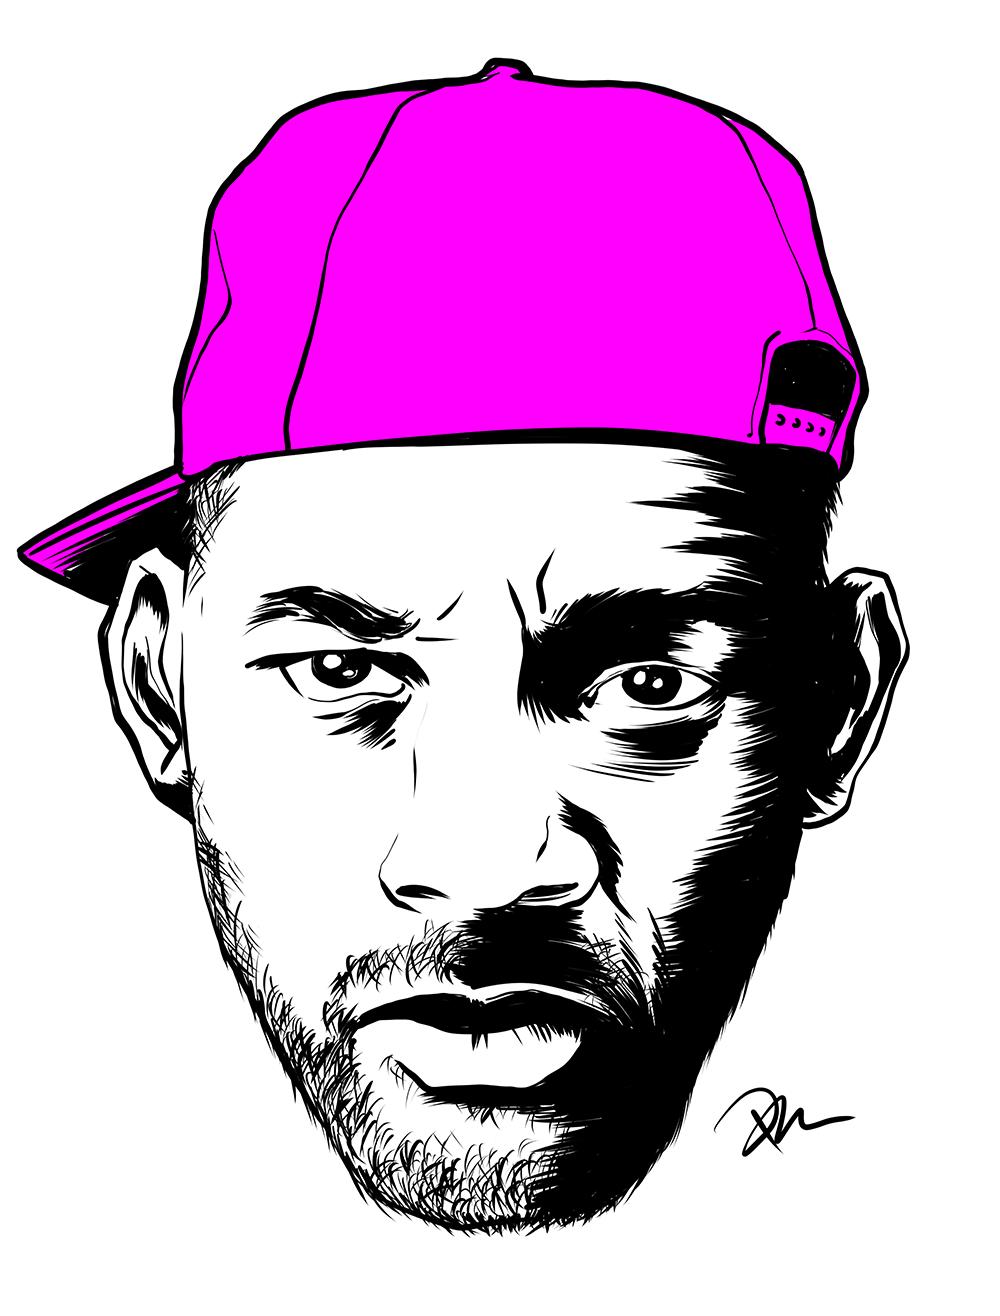 Petey Drawing by Marhue